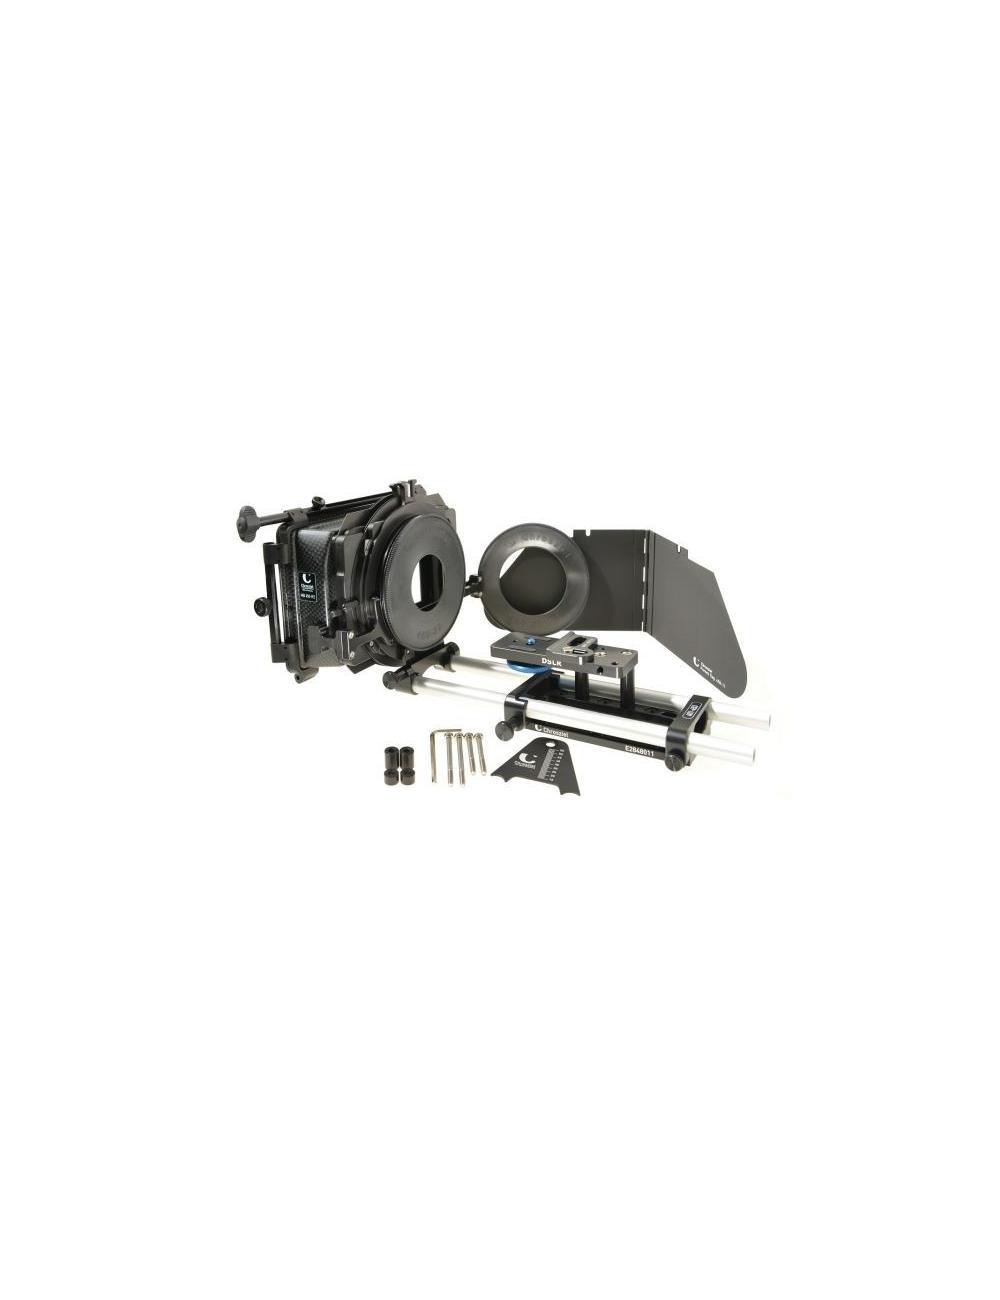 Chrosziel - Kit MB450R2 + LWS 15 HD DSLR